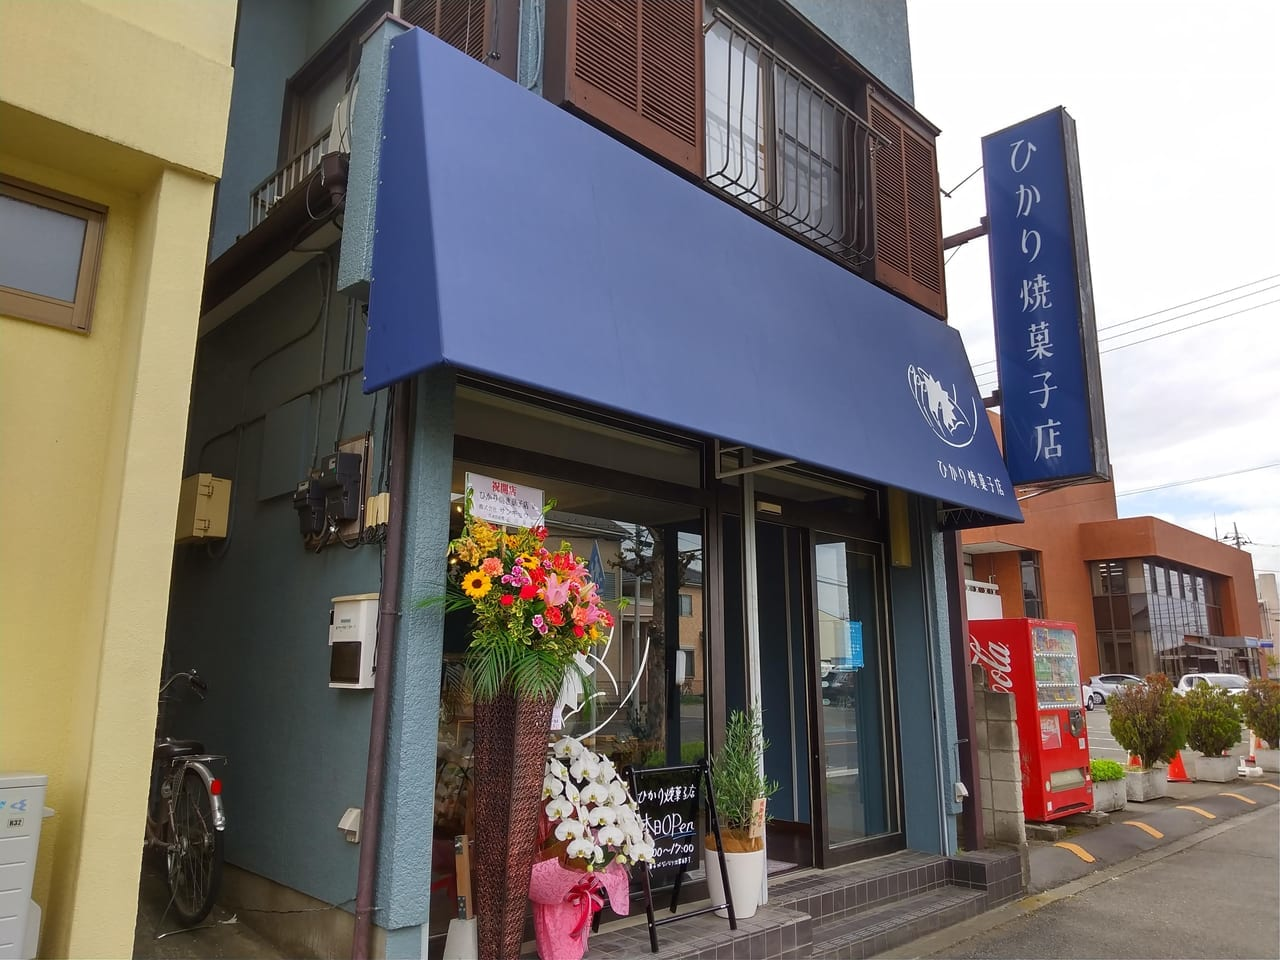 ひかり焼菓子店の外観